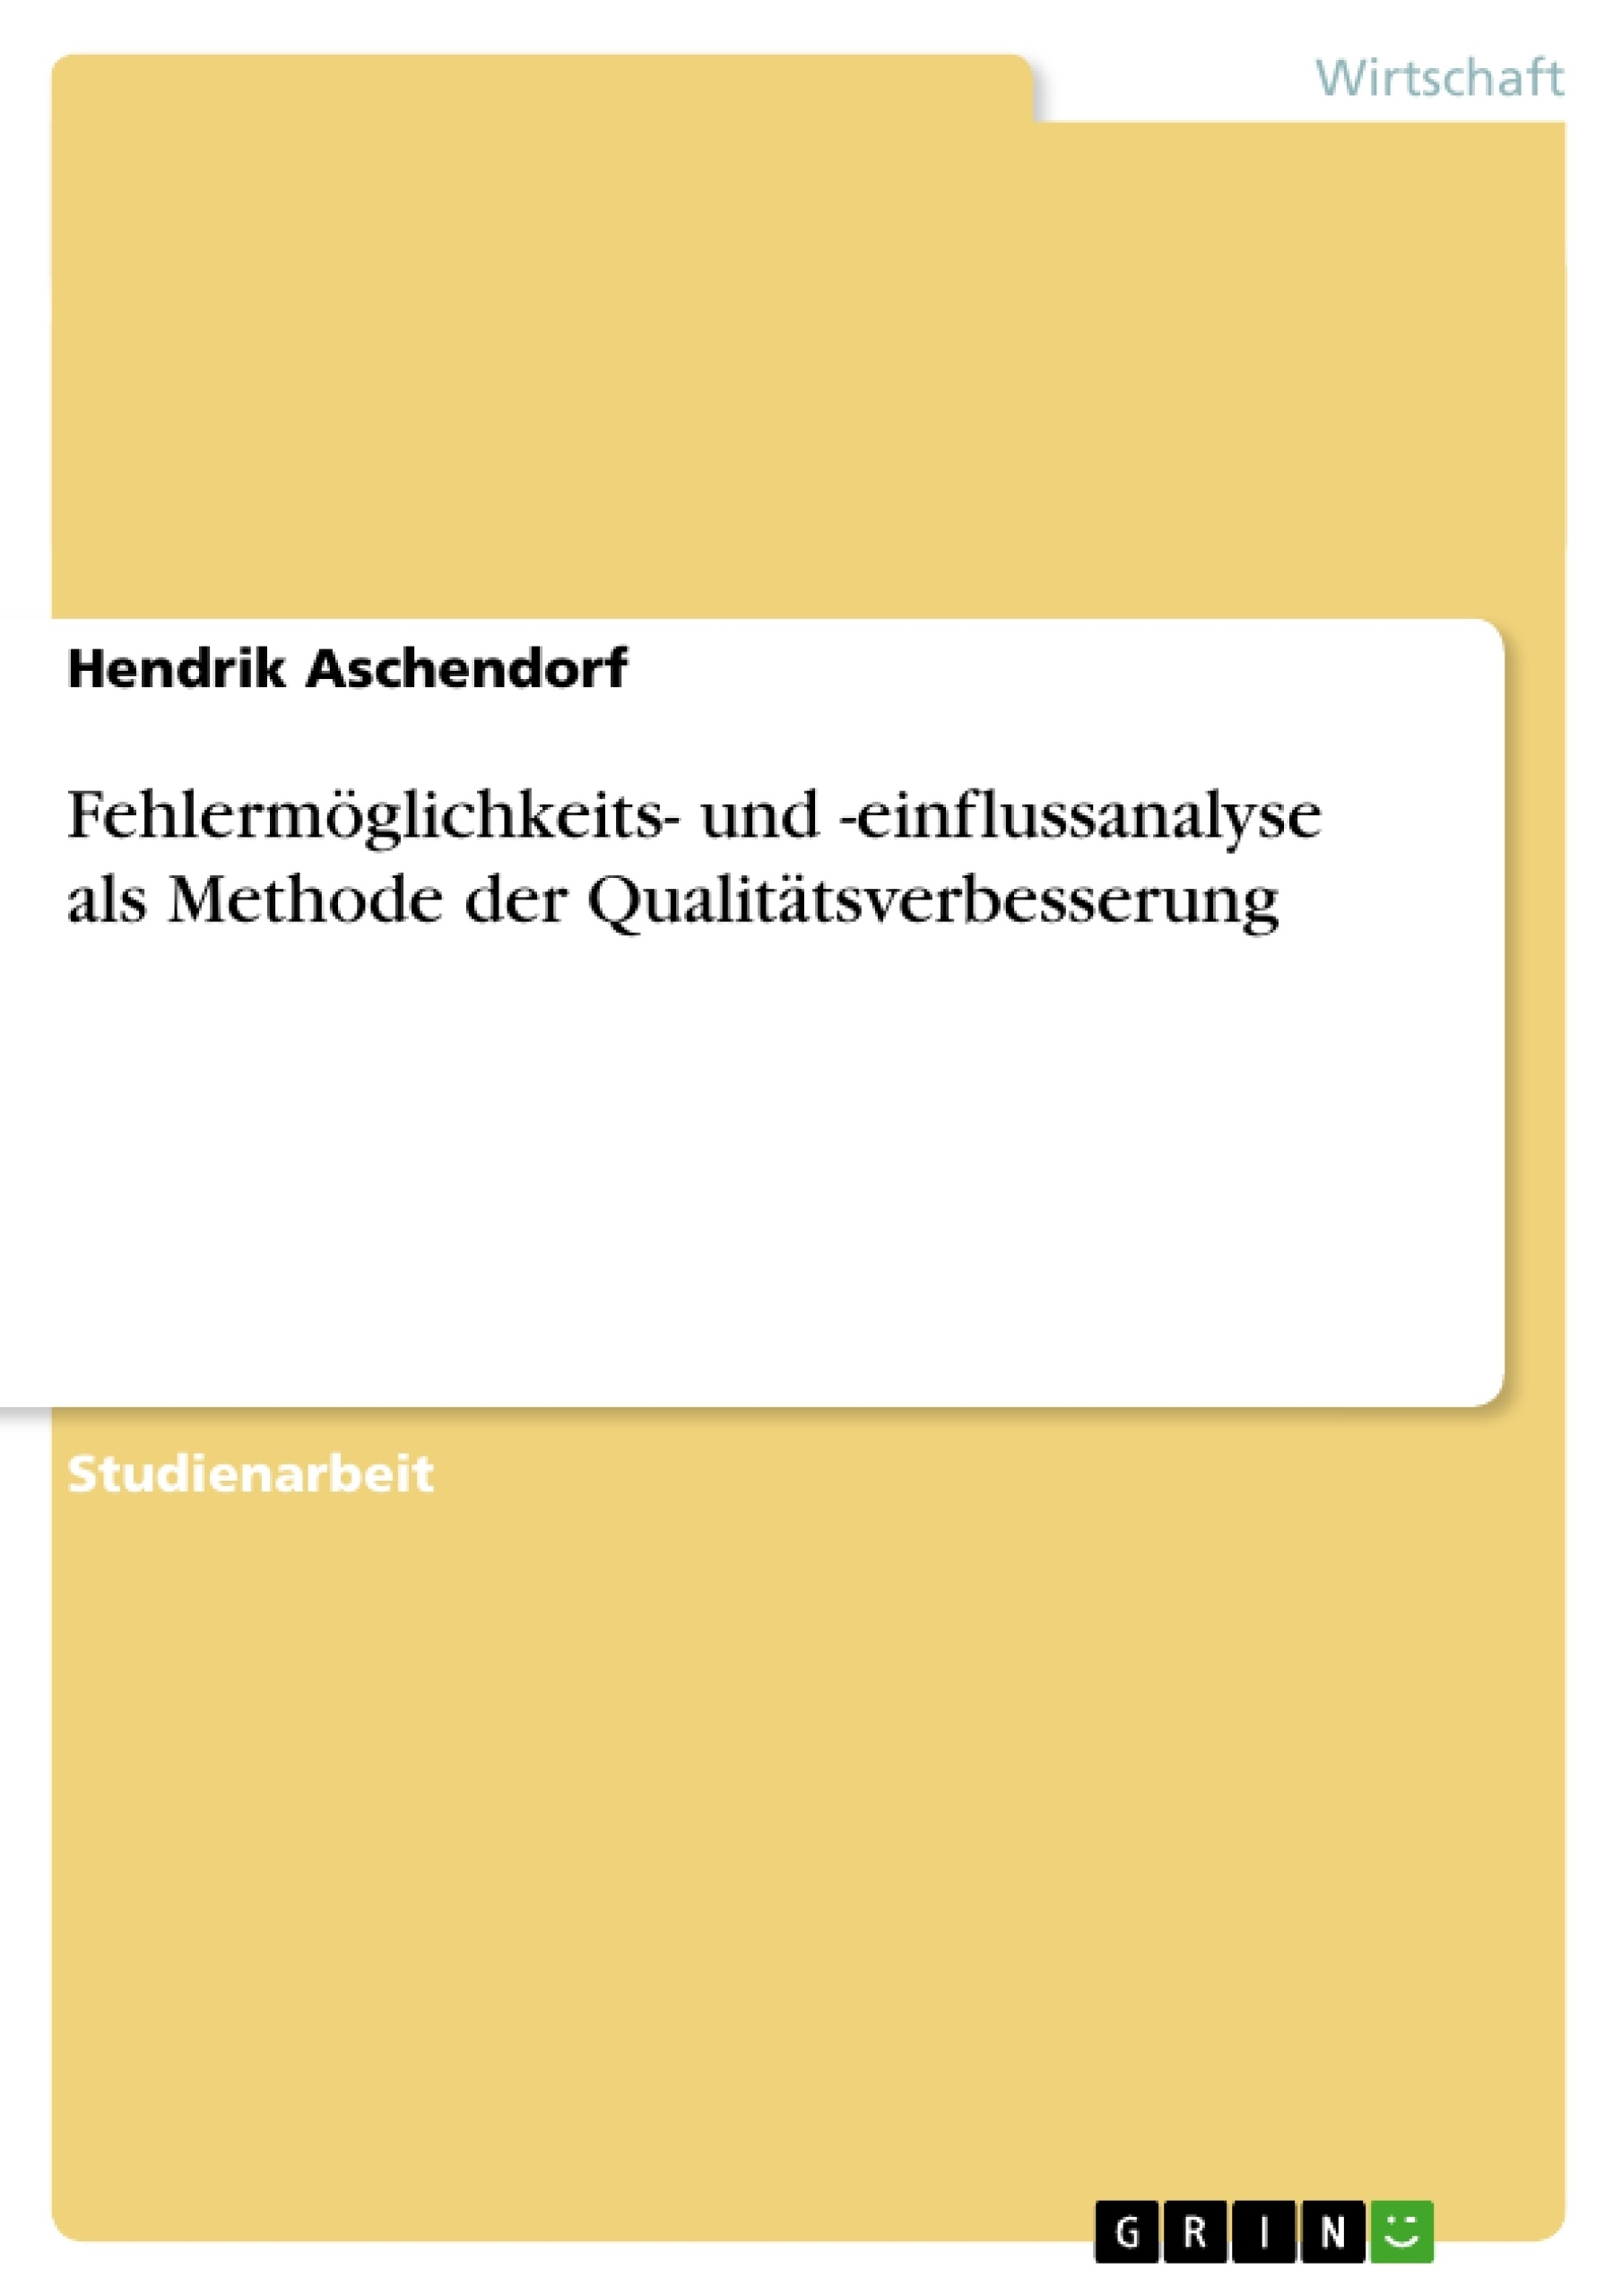 Titel: Fehlermöglichkeits- und -einflussanalyse als Methode der Qualitätsverbesserung